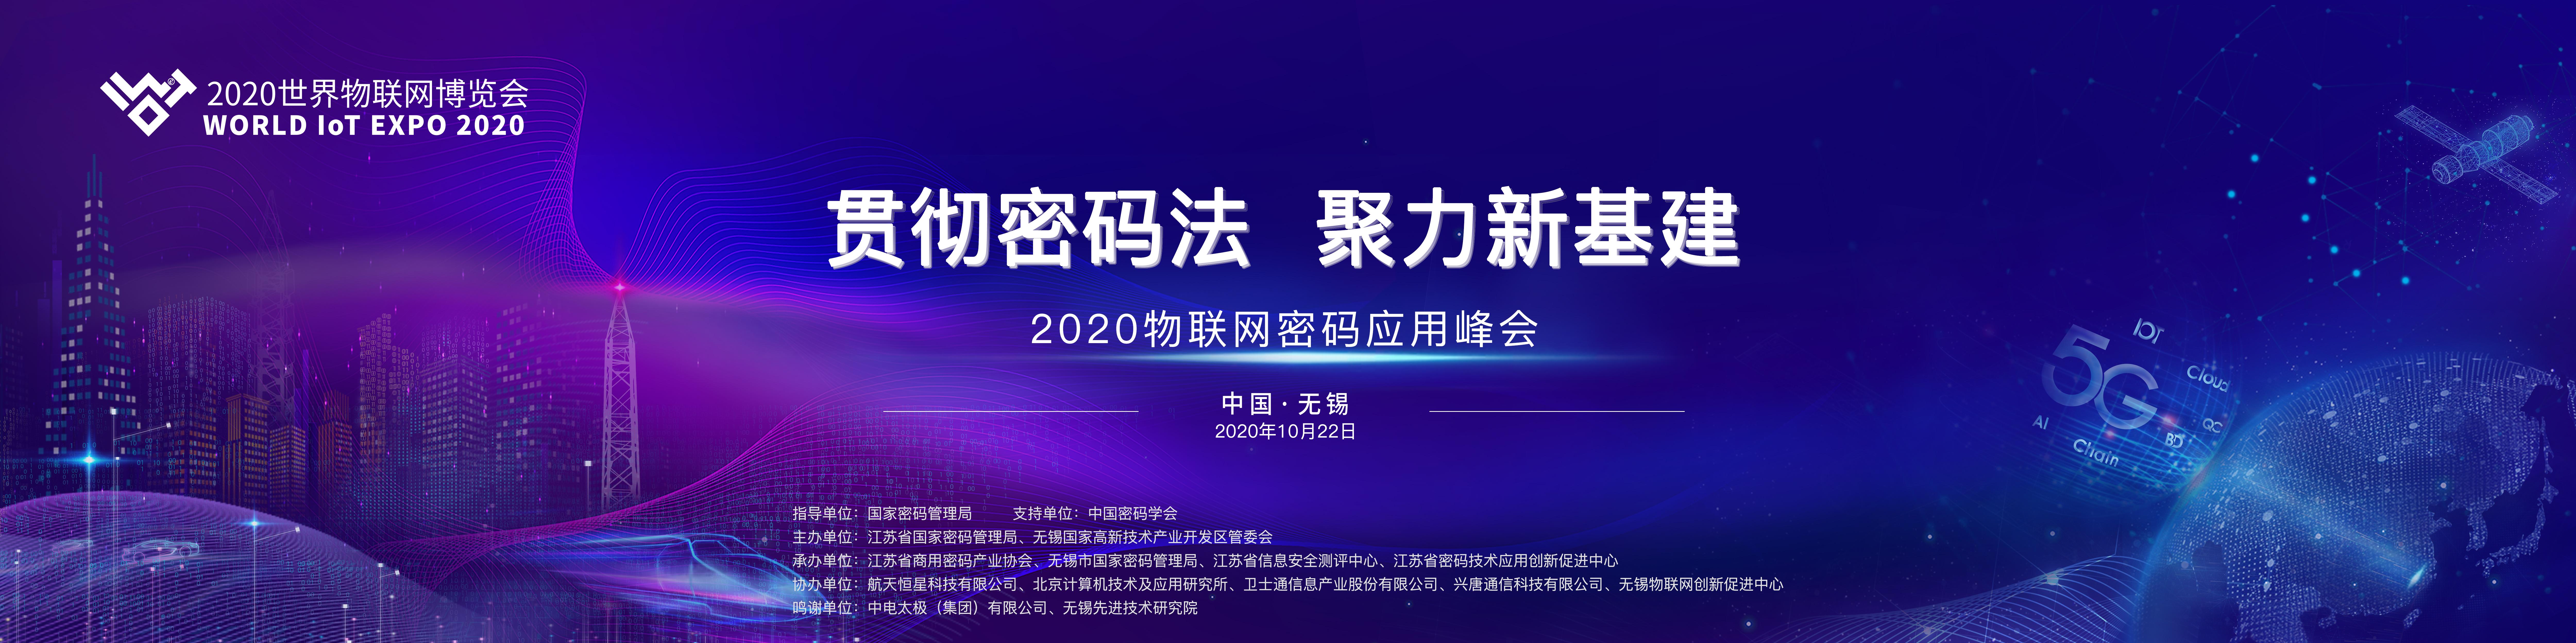 2020年物联网密码应用峰会来啦!院士大咖将聚无锡共话密码发展